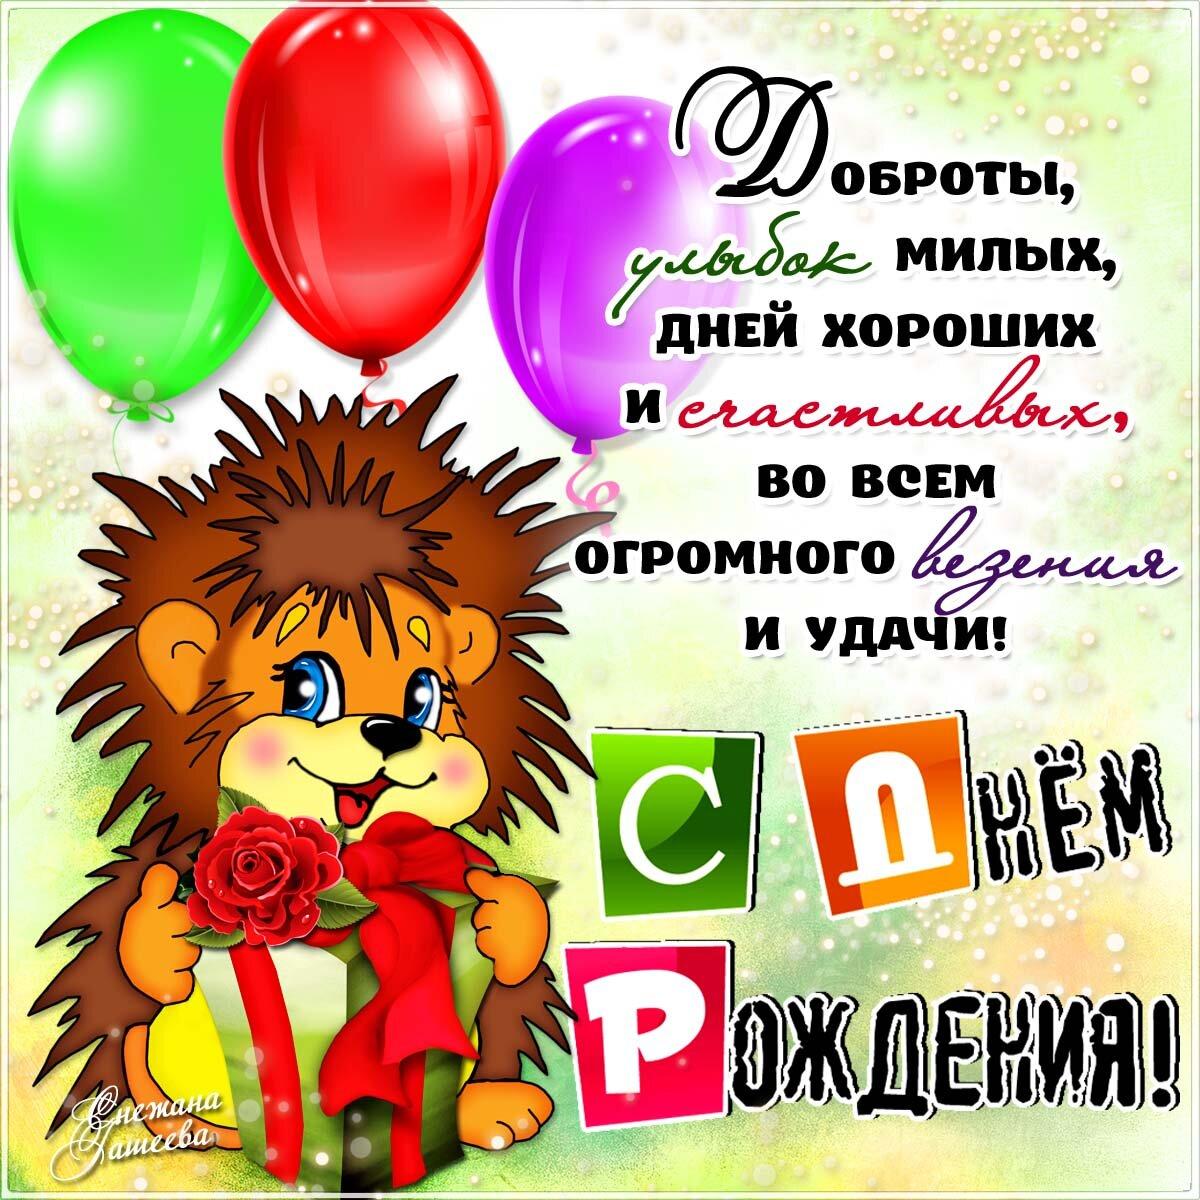 Поздравление стихами с днем рождения племянику